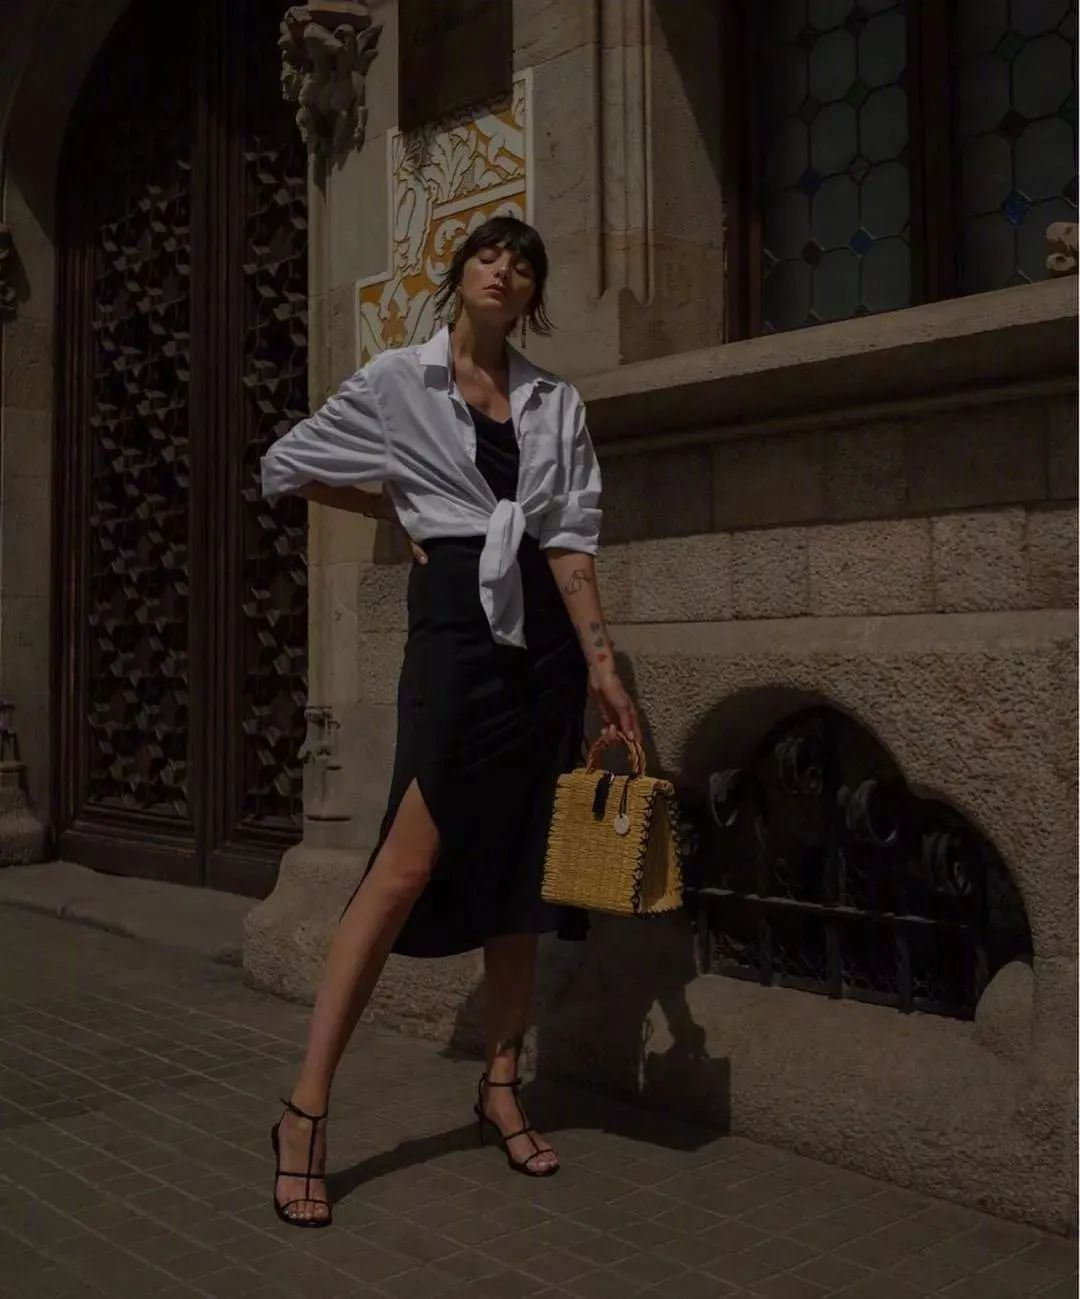 Sơ mi trắng – item kinh điển nhưng muốn mặc đẹp thì không phải nàng công sở nào cũng biết - Ảnh 11.